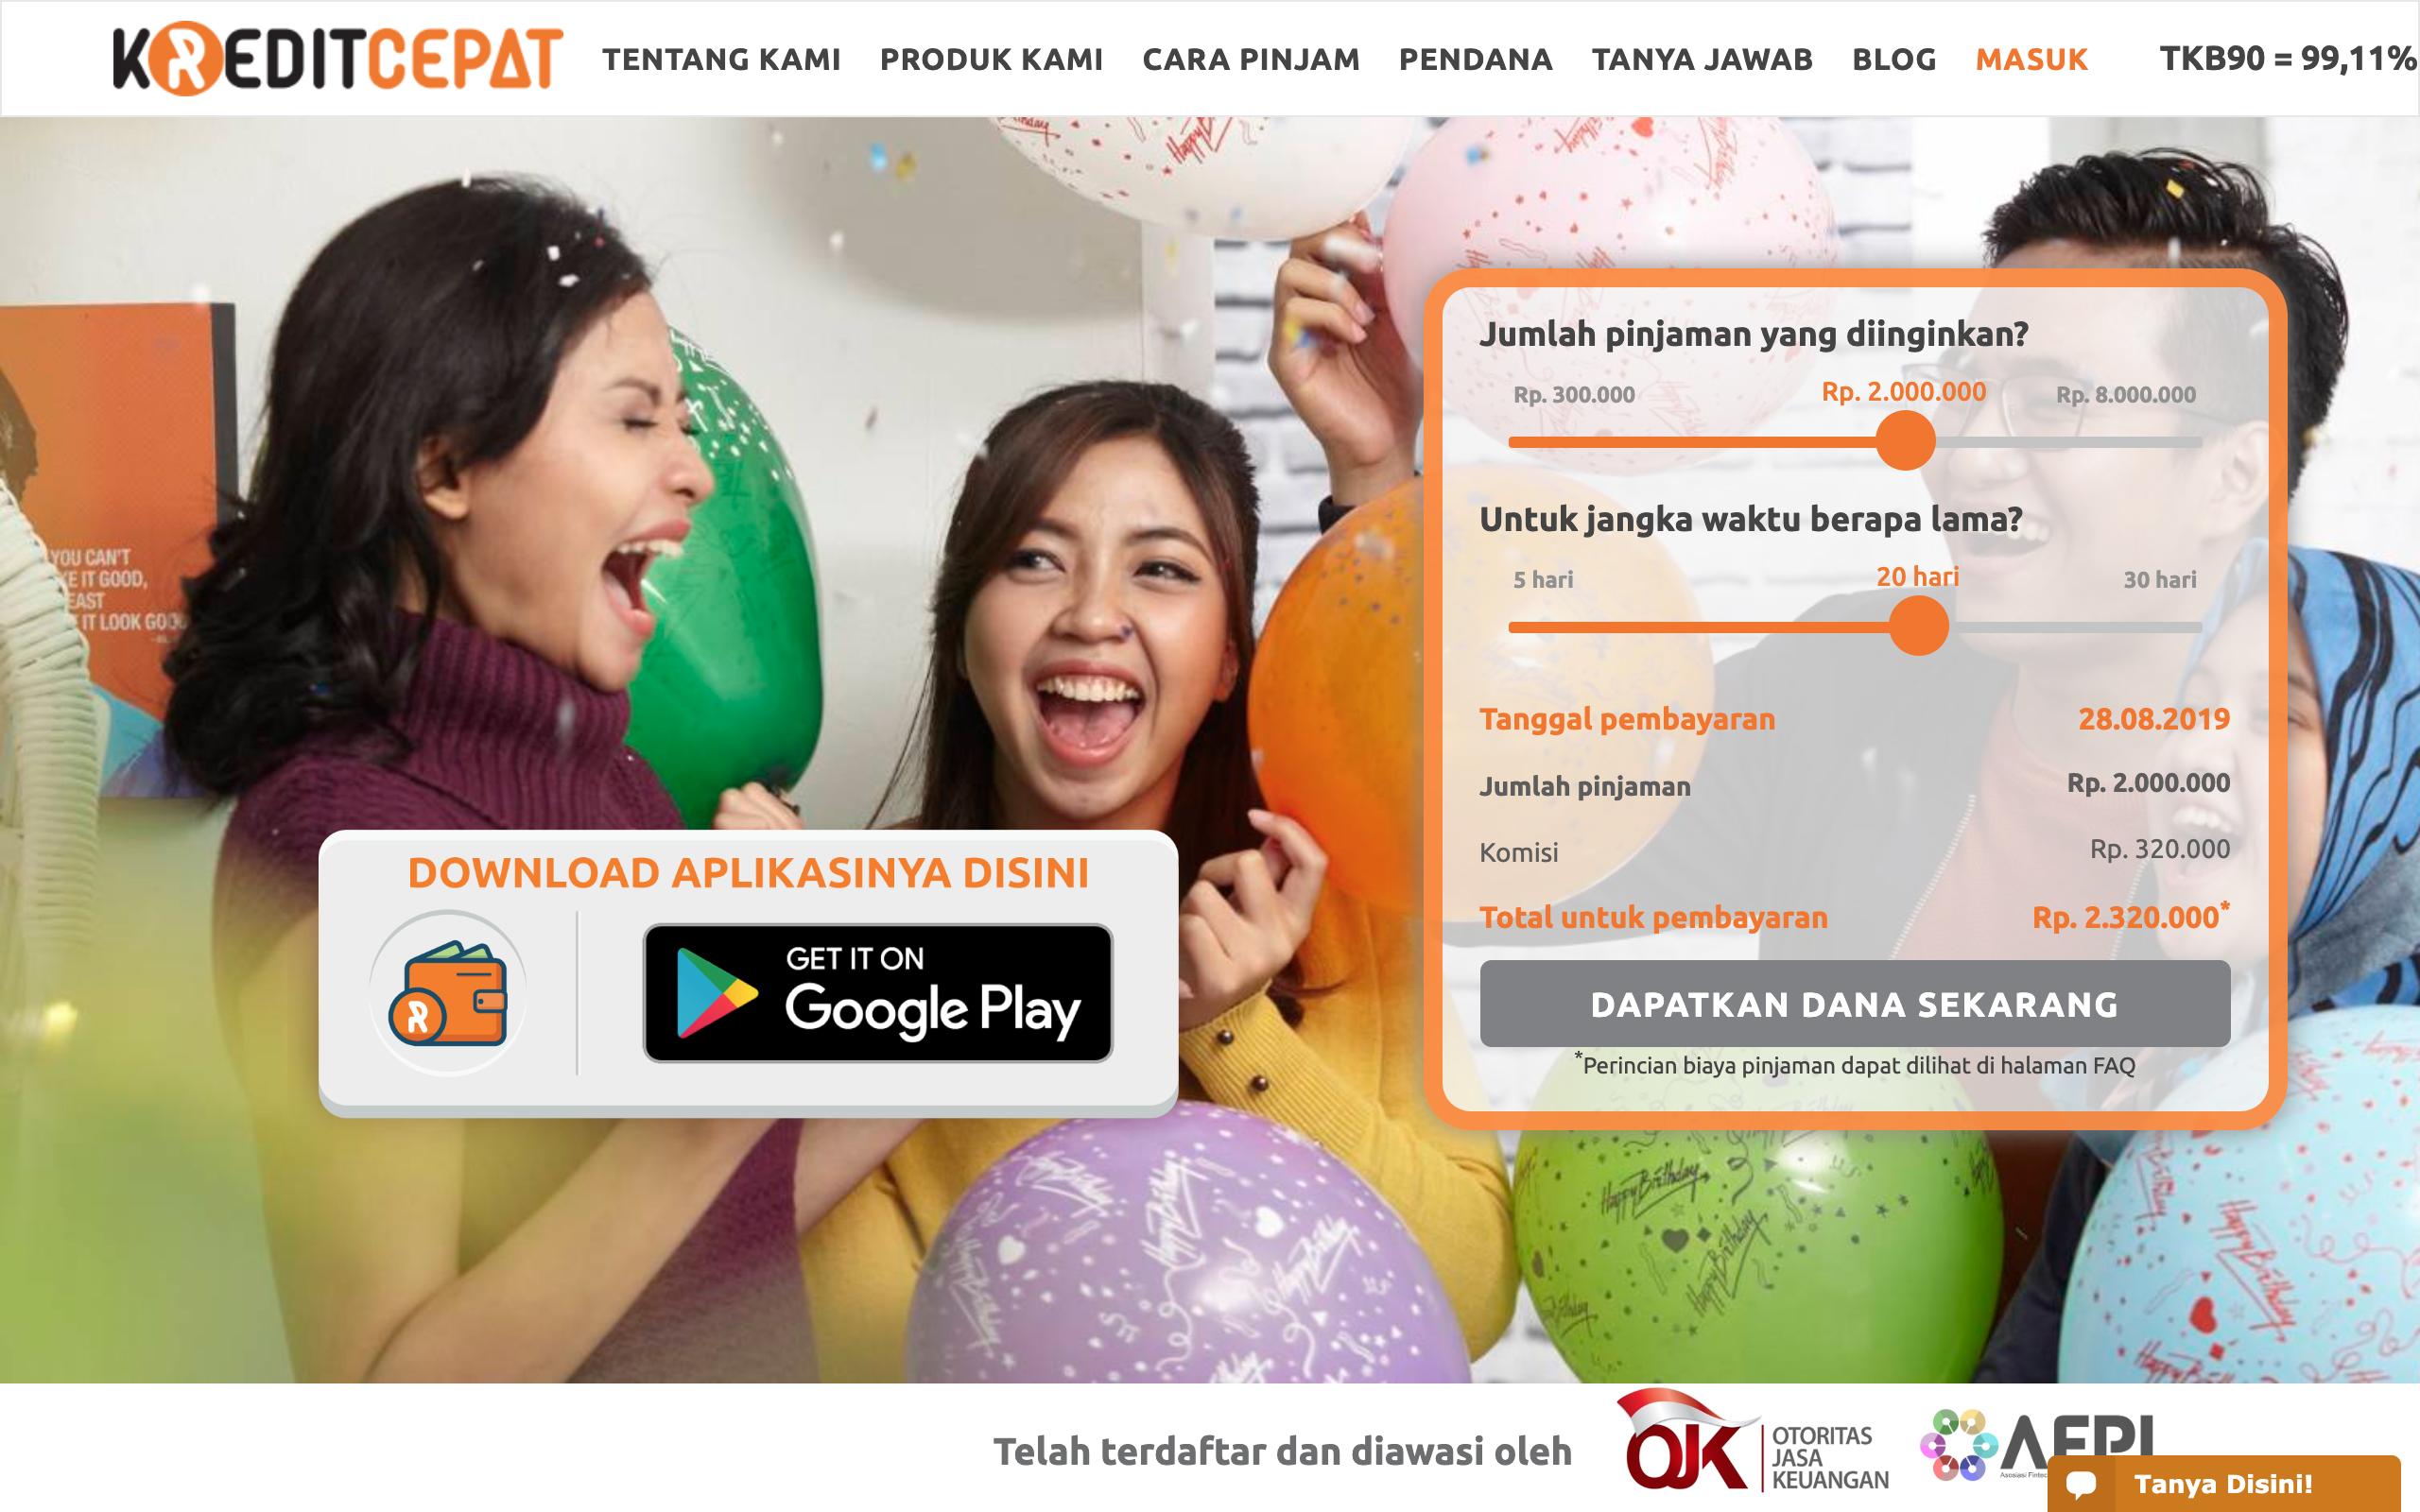 Tips Untuk Menemukan Pinjaman Online Ojk Bunga Rendah Untuk Bisnis